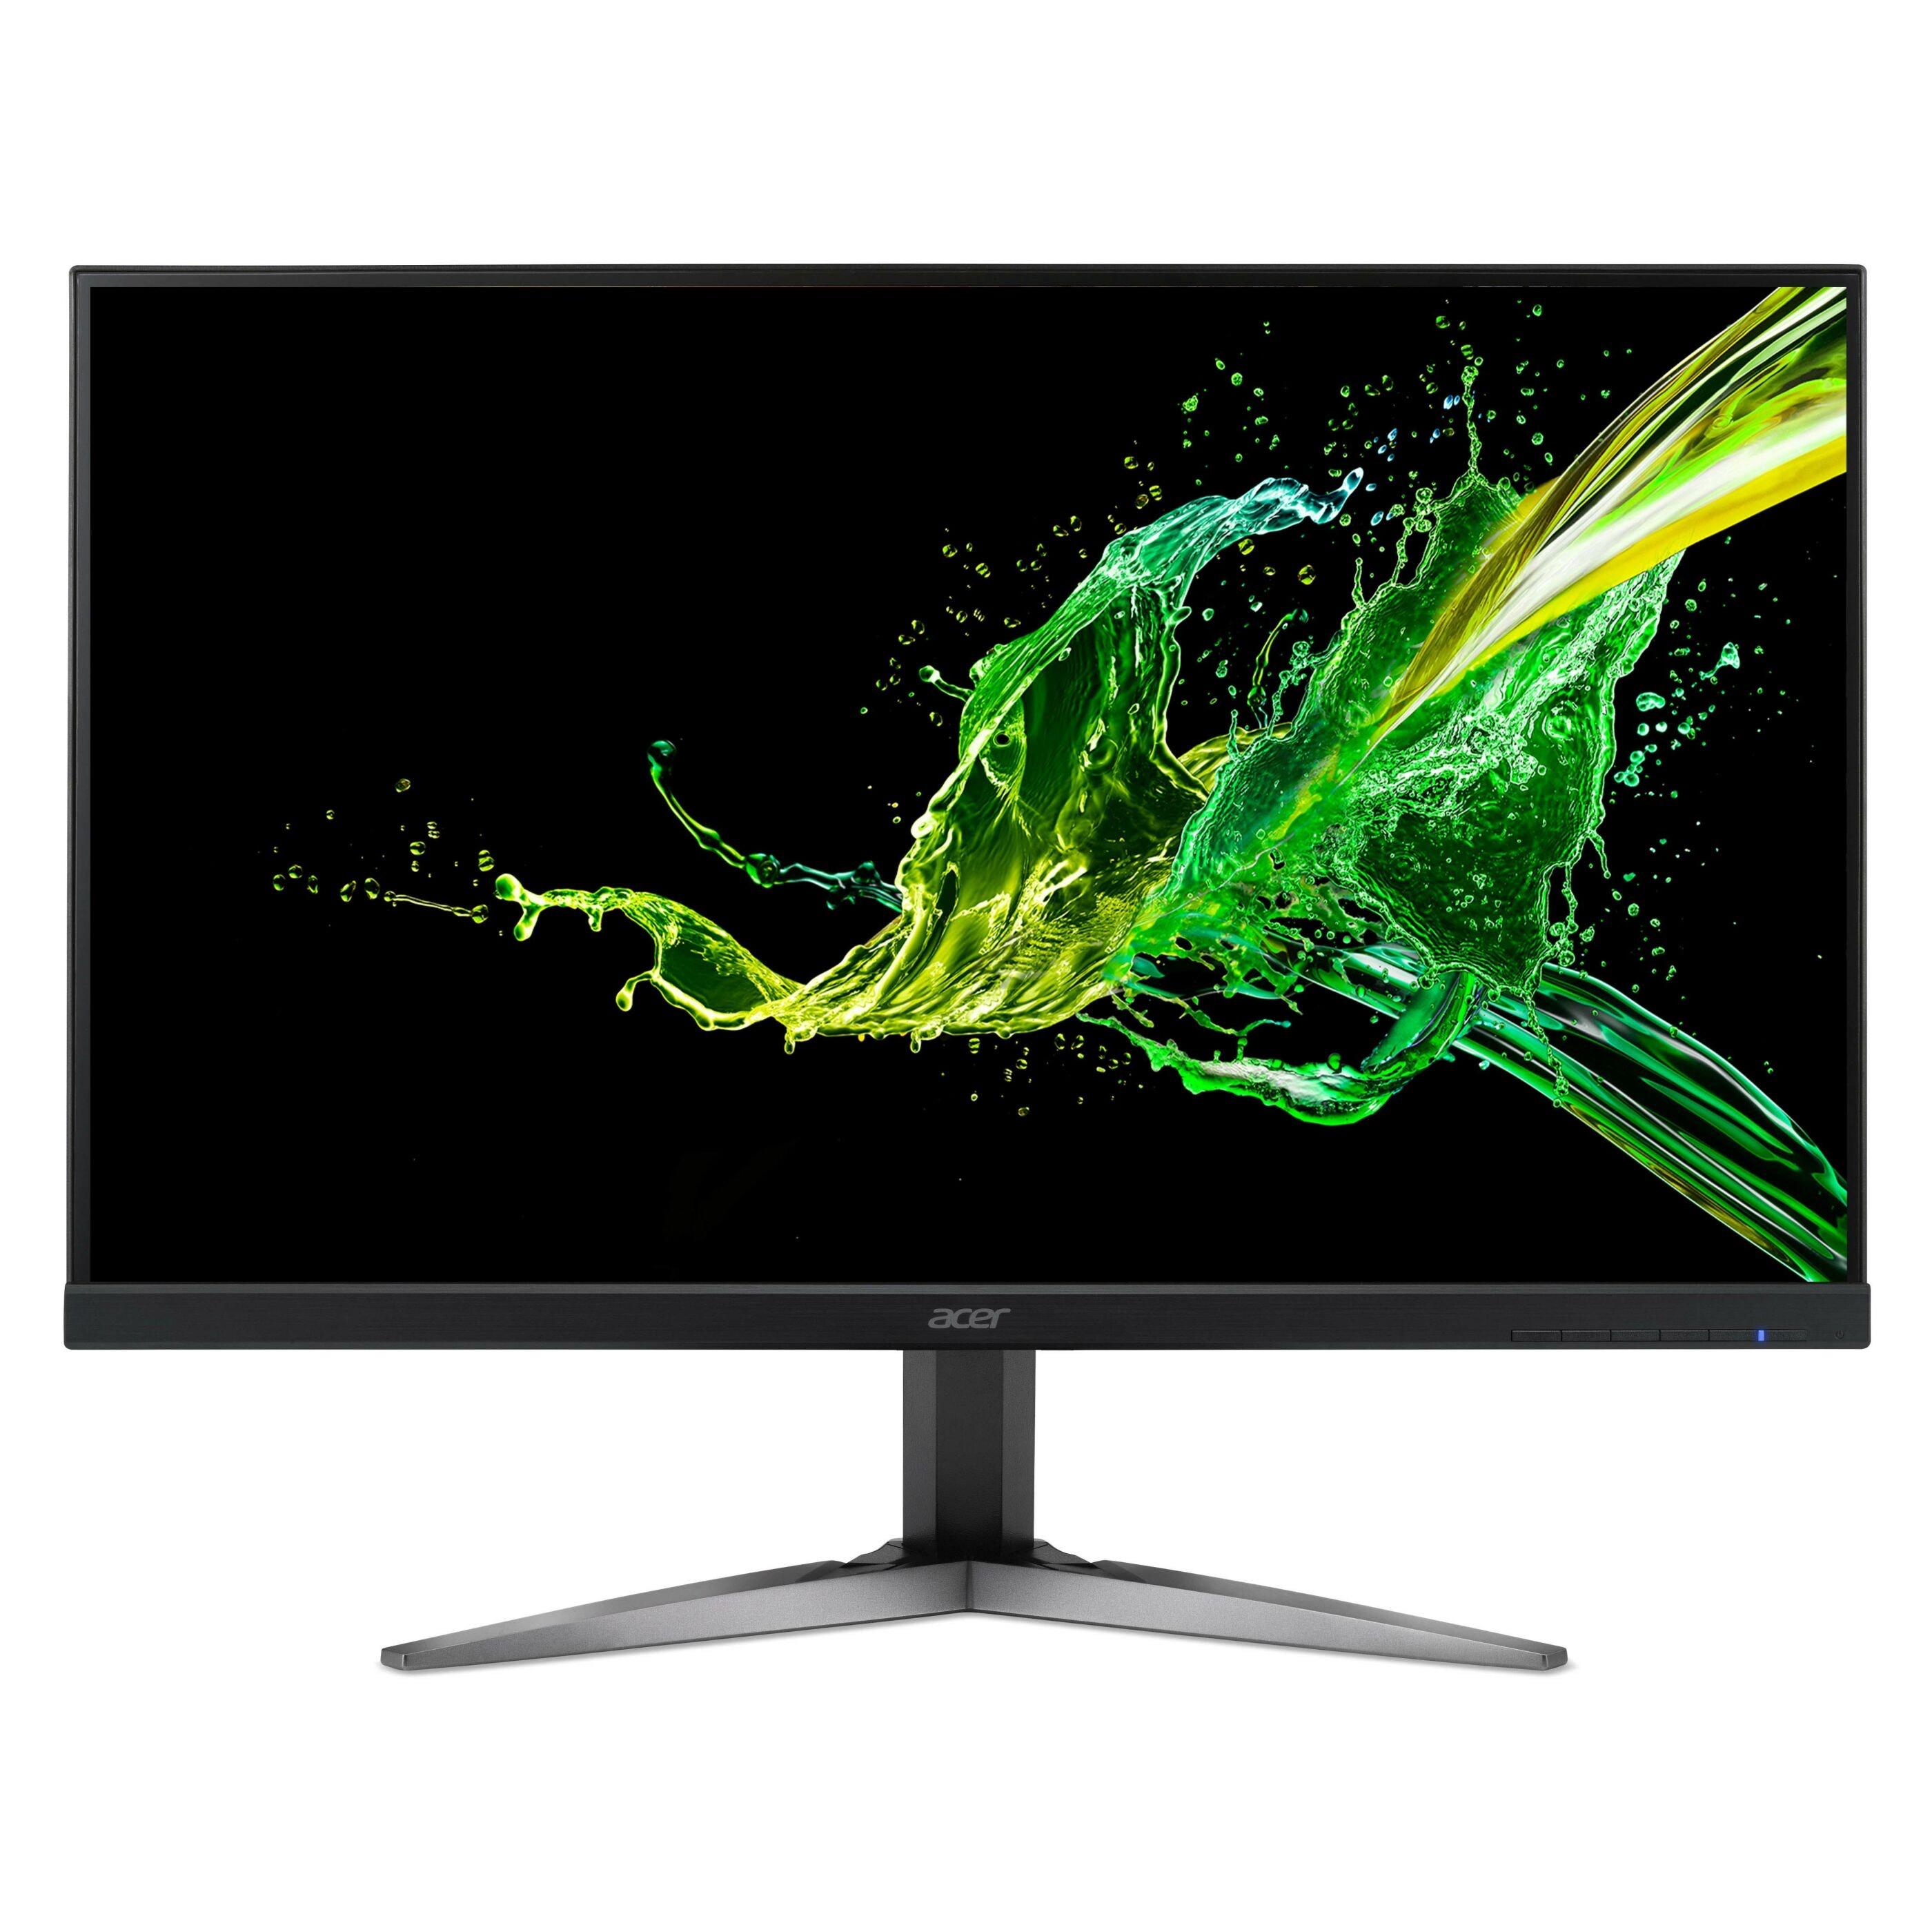 Acer KG271UAbmiipx (Monitor)